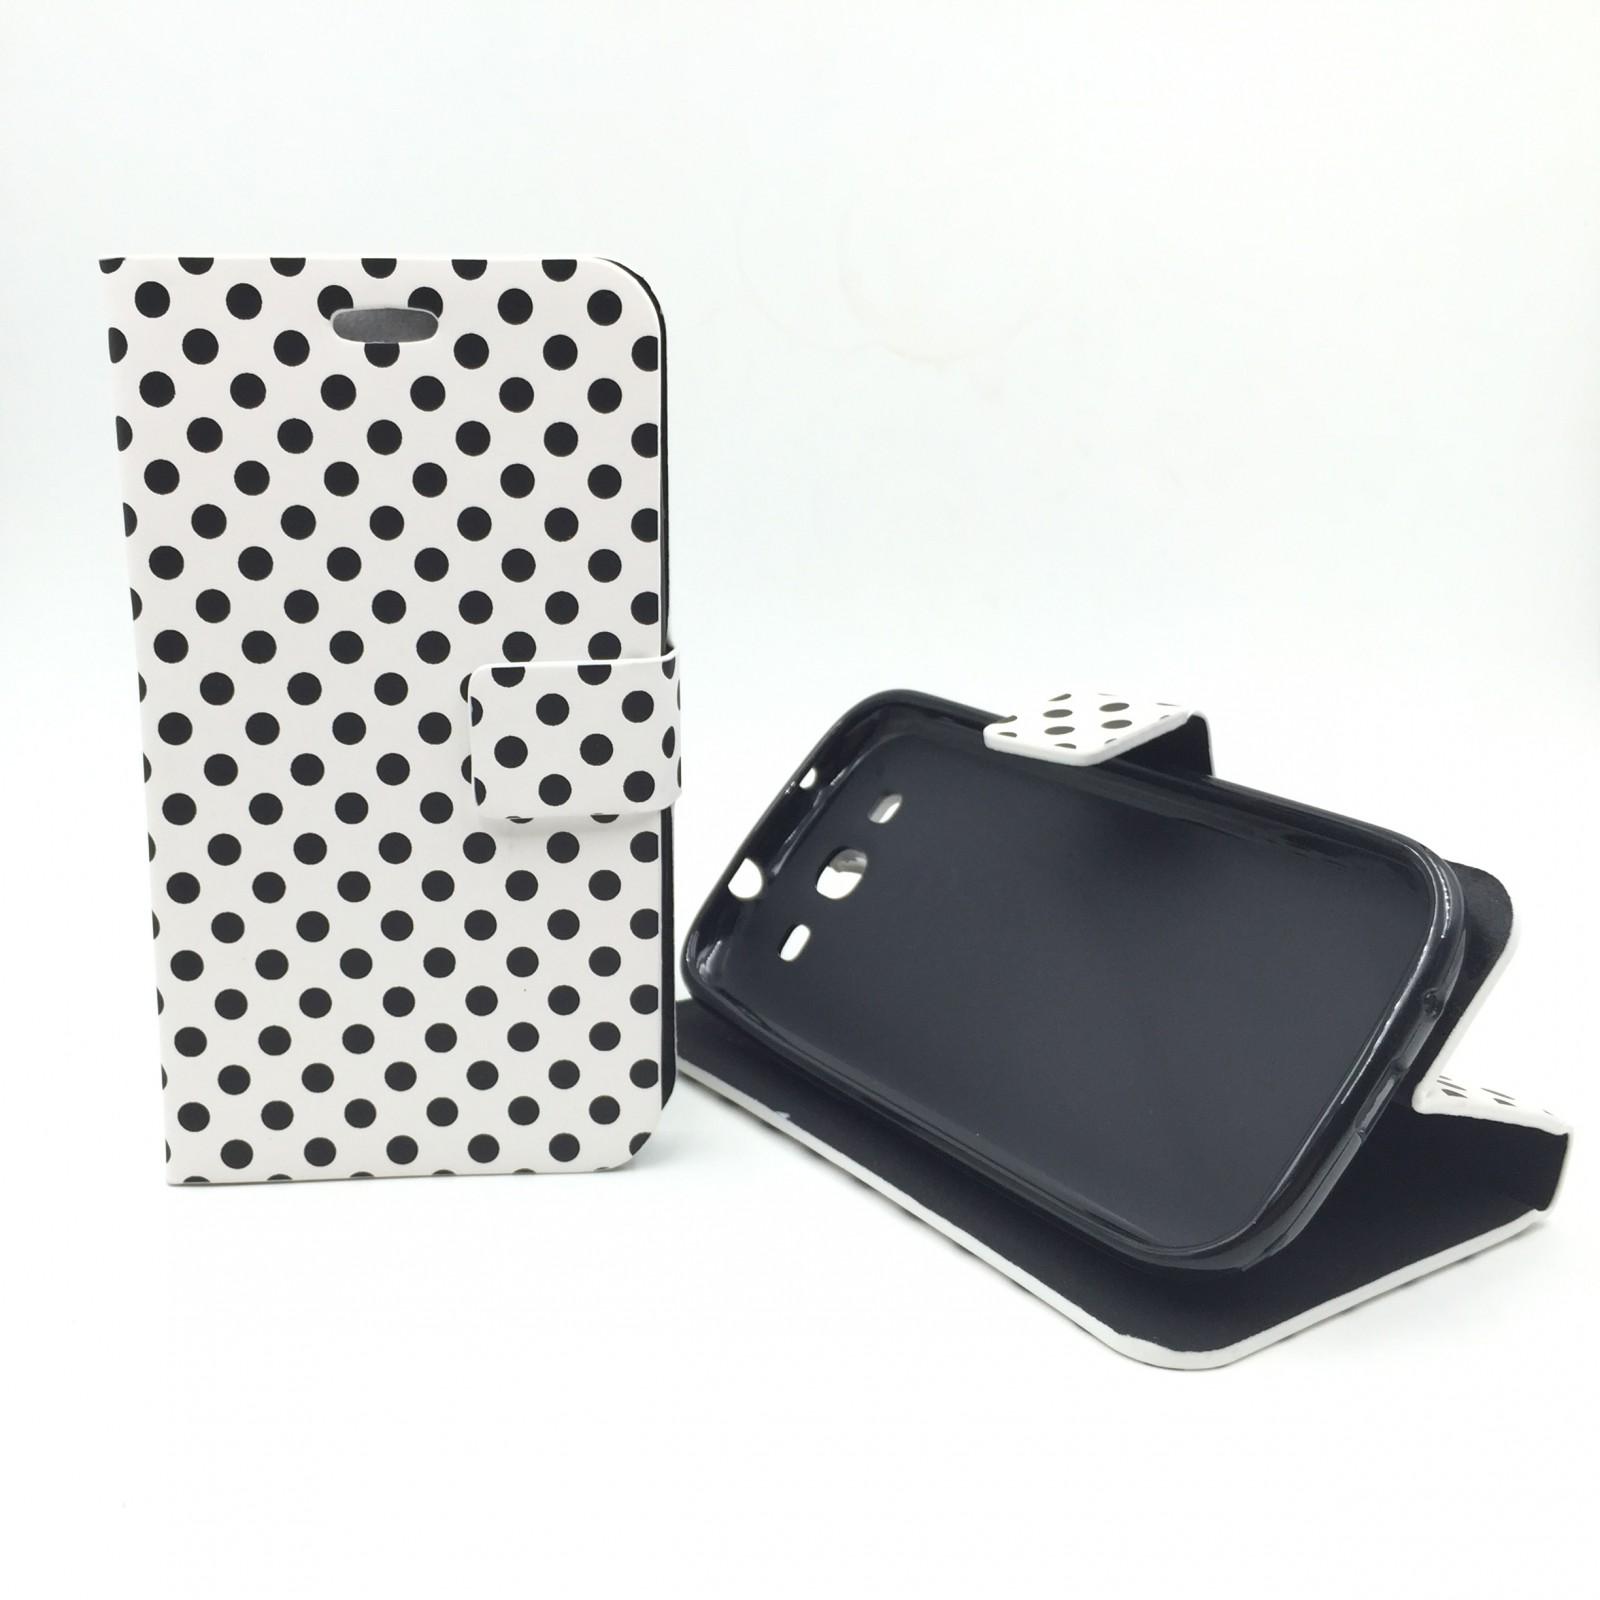 handyh lle cover h lle handyh lle etui f r handy samsung. Black Bedroom Furniture Sets. Home Design Ideas